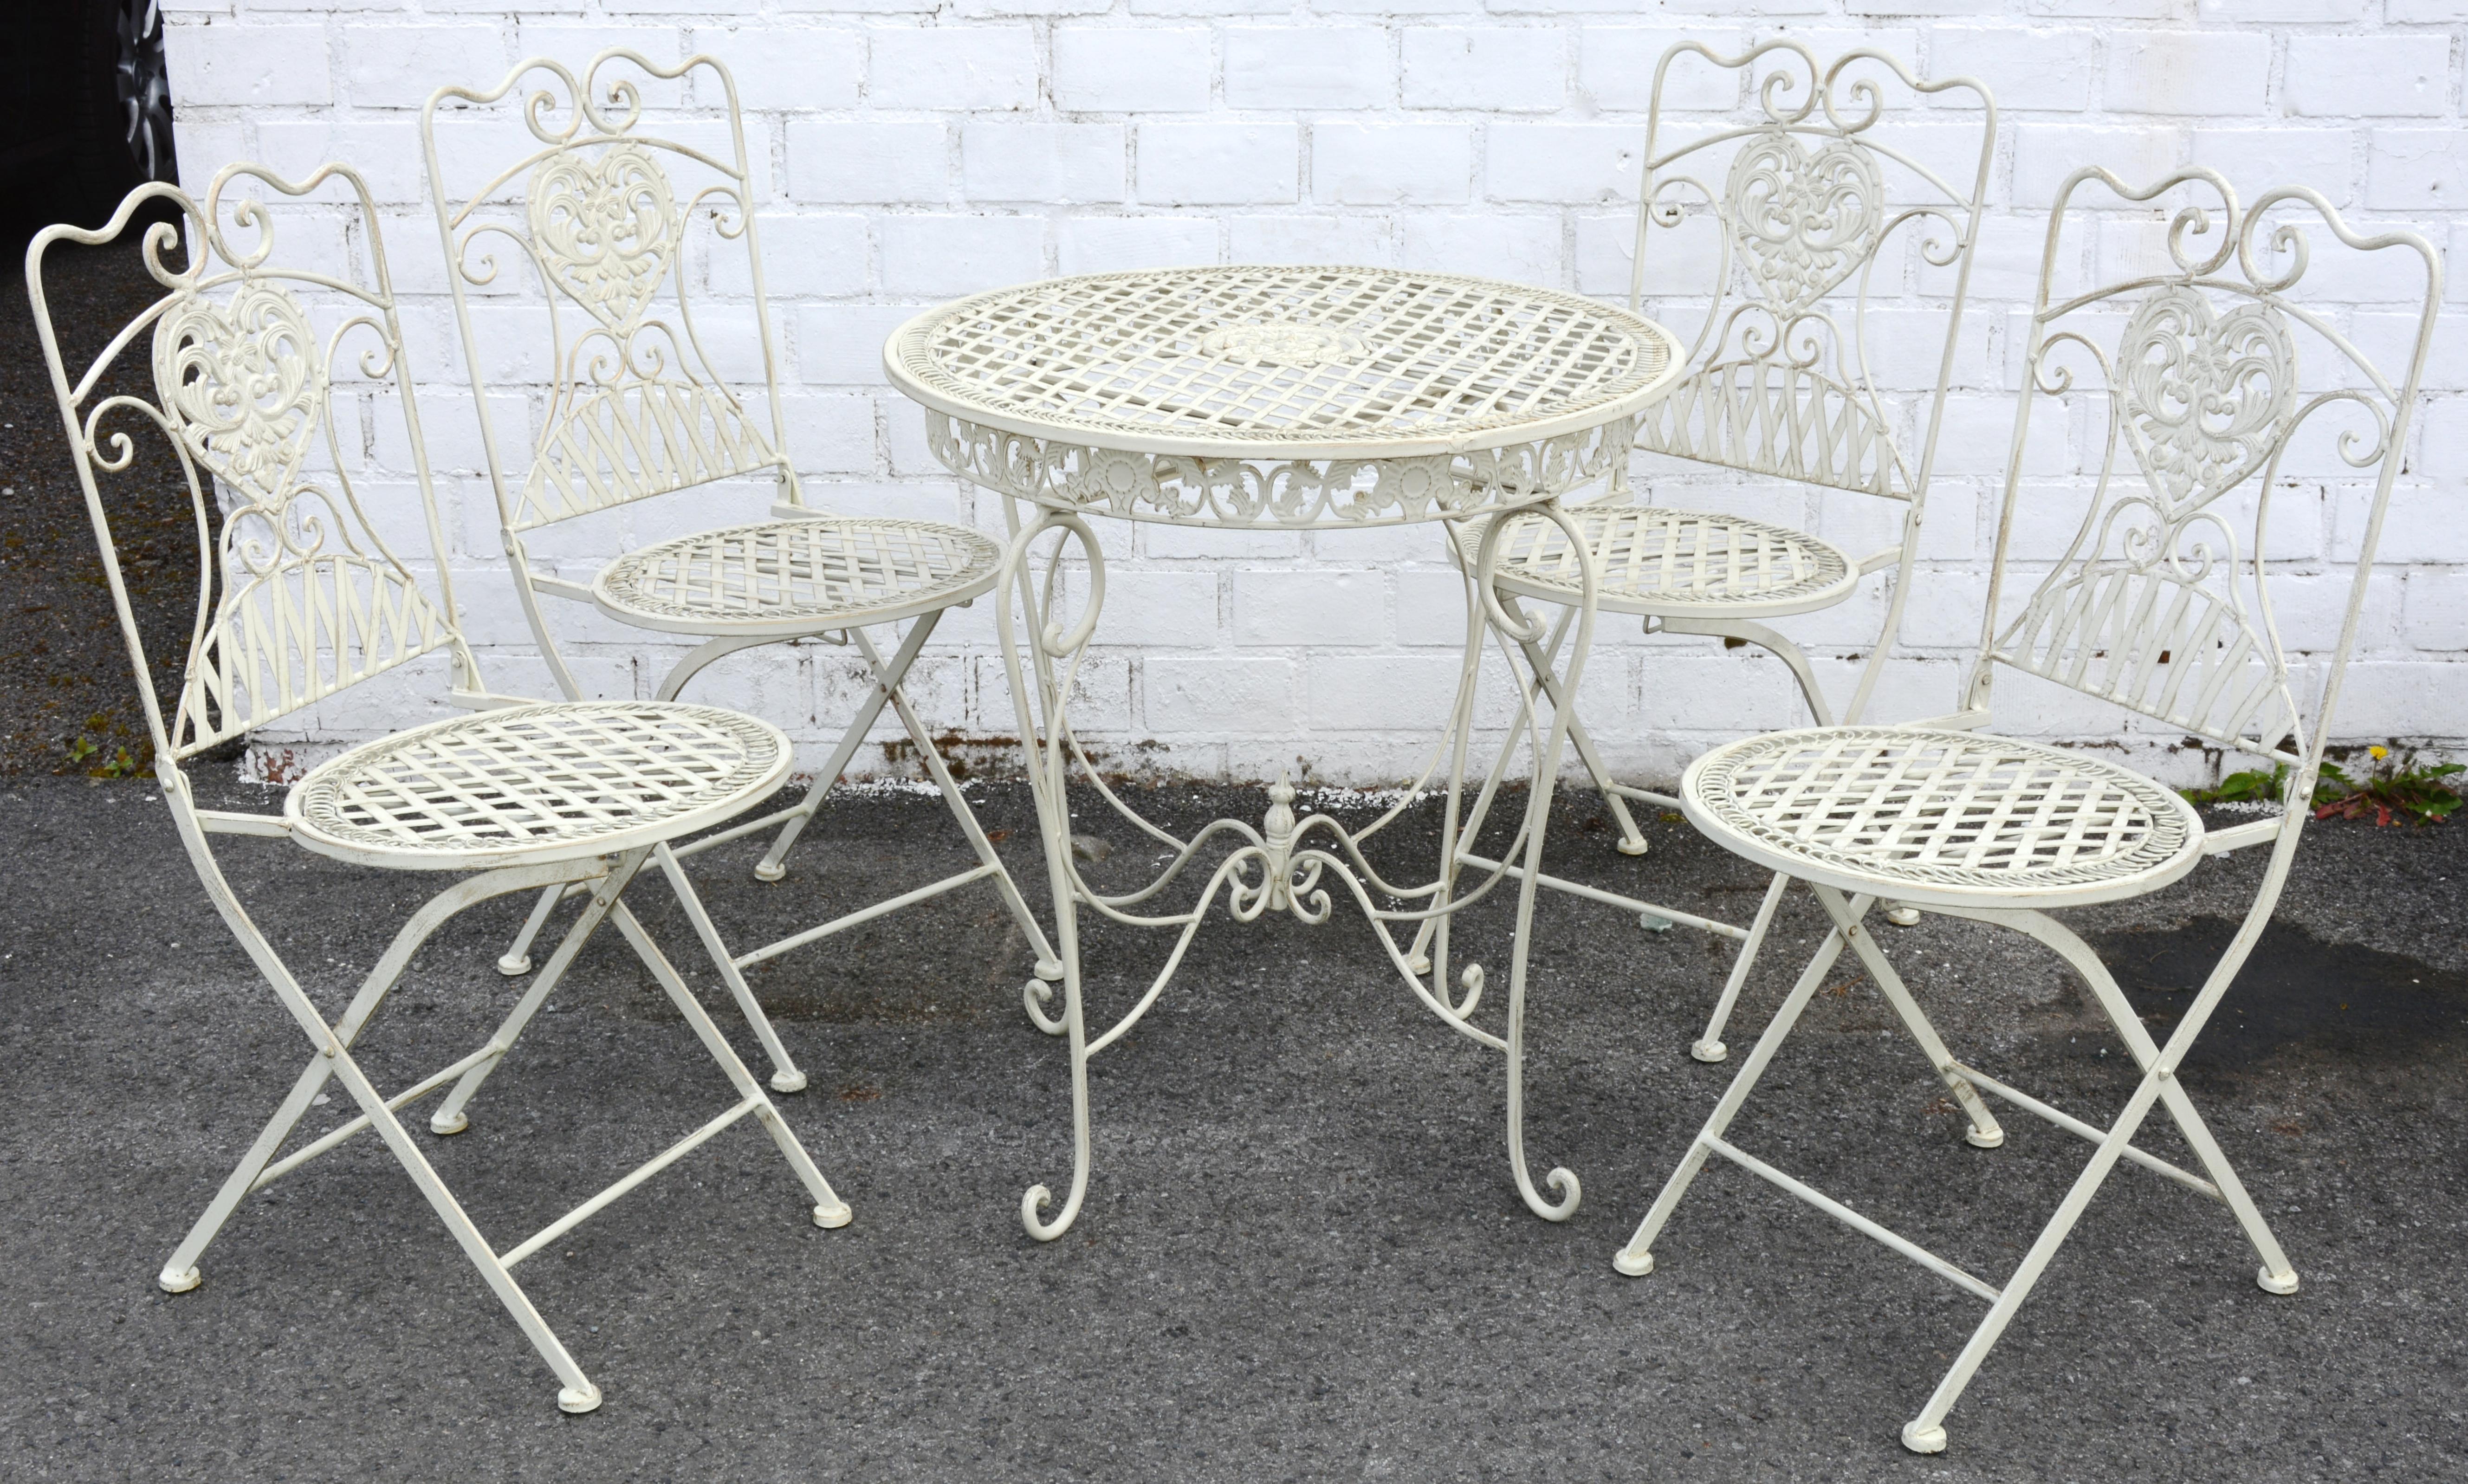 Een tuinstel van witgepatineerd ijzer bestaande uit een tafel en vier stoelen jordaens n v - Glazen tafel gesmeed ijzer en stoelen ...